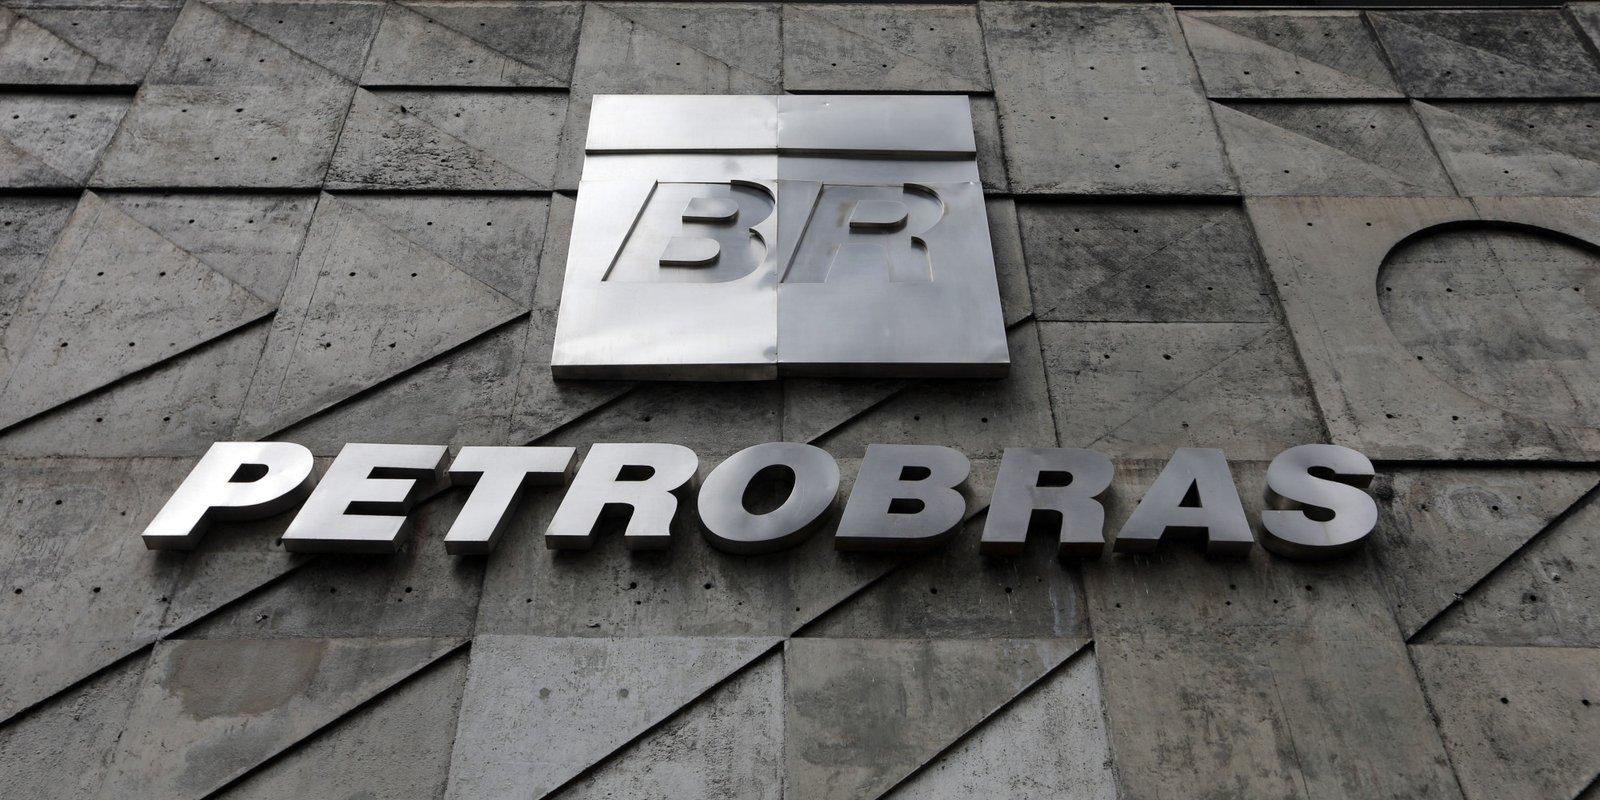 Petrobras quita a dívida de US$ 500 milhões com Citibank